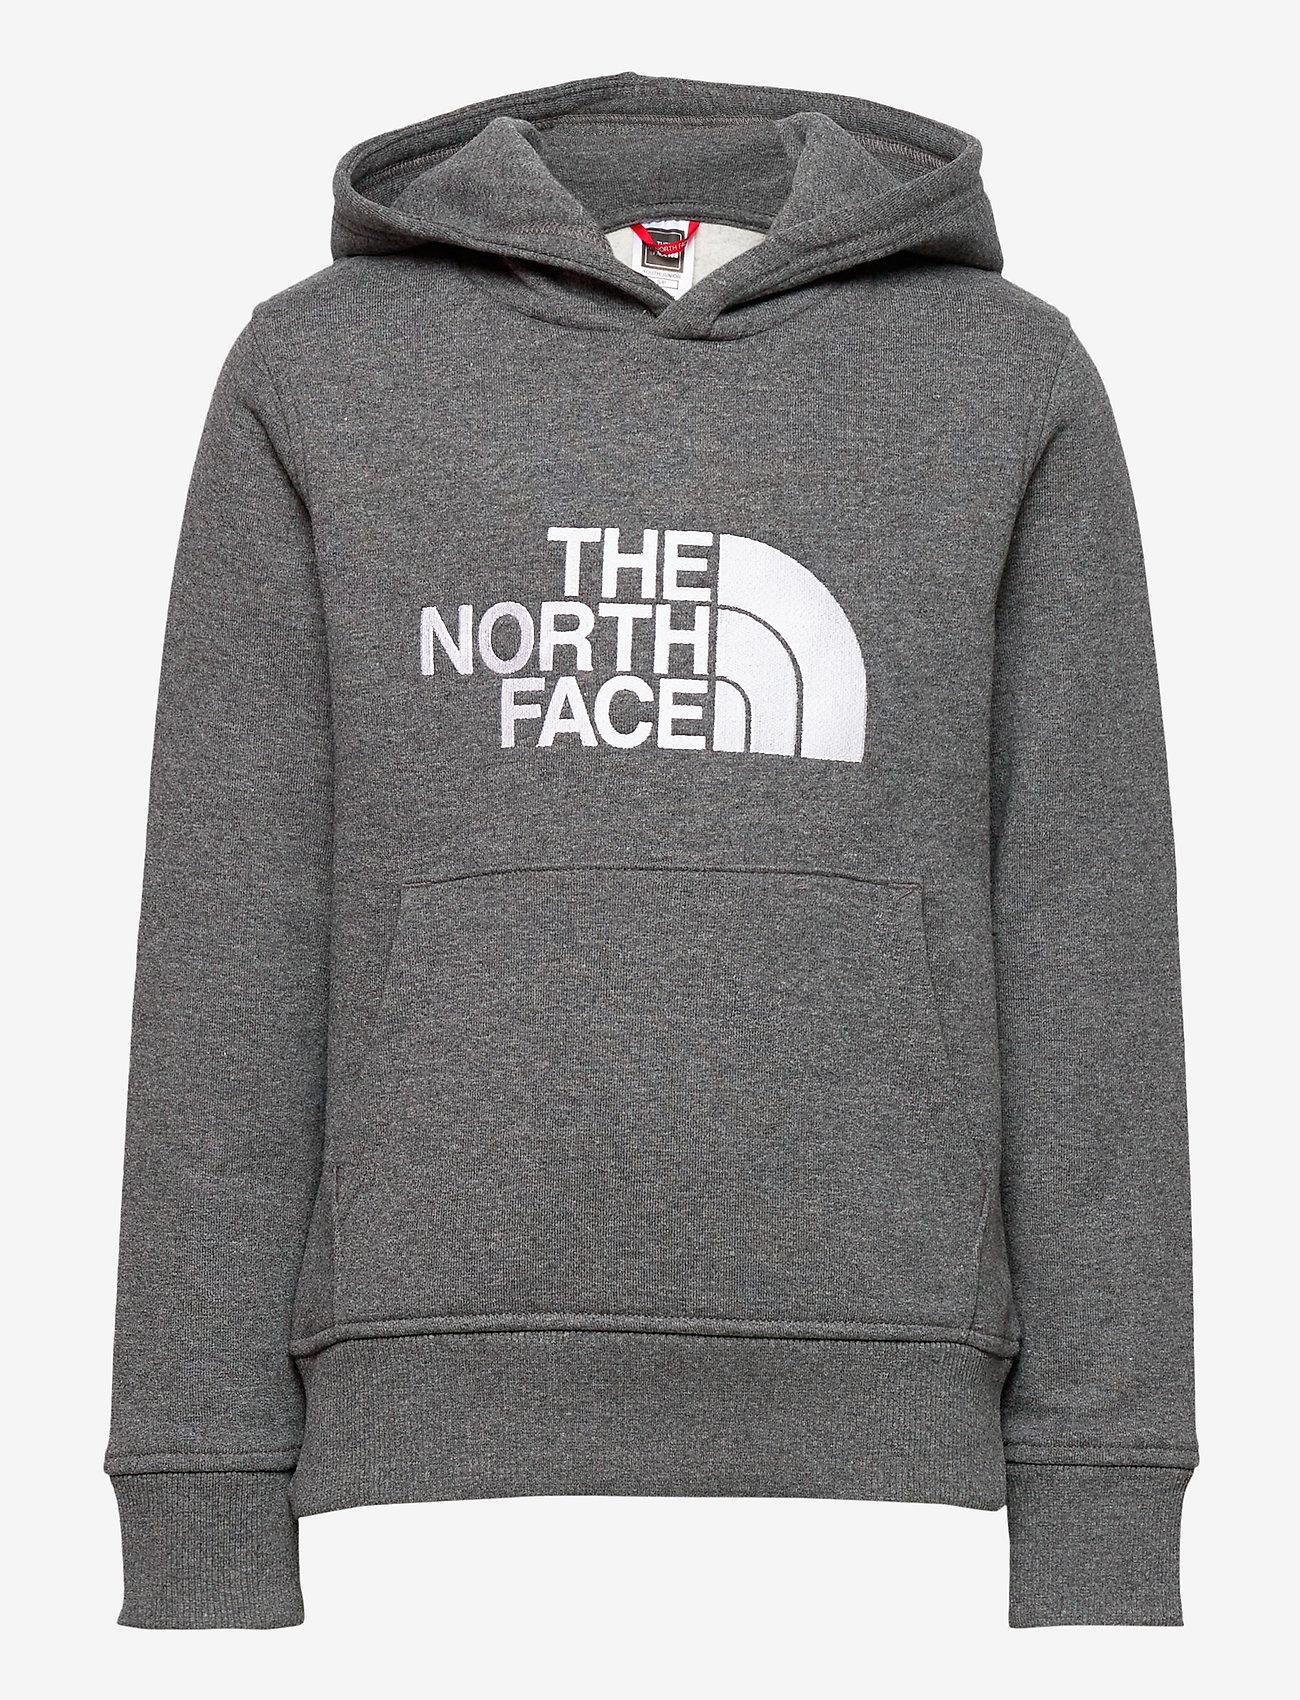 The North Face - Y DREW PEAK P/O HD - hoodies - tnf medium grey heather - 0